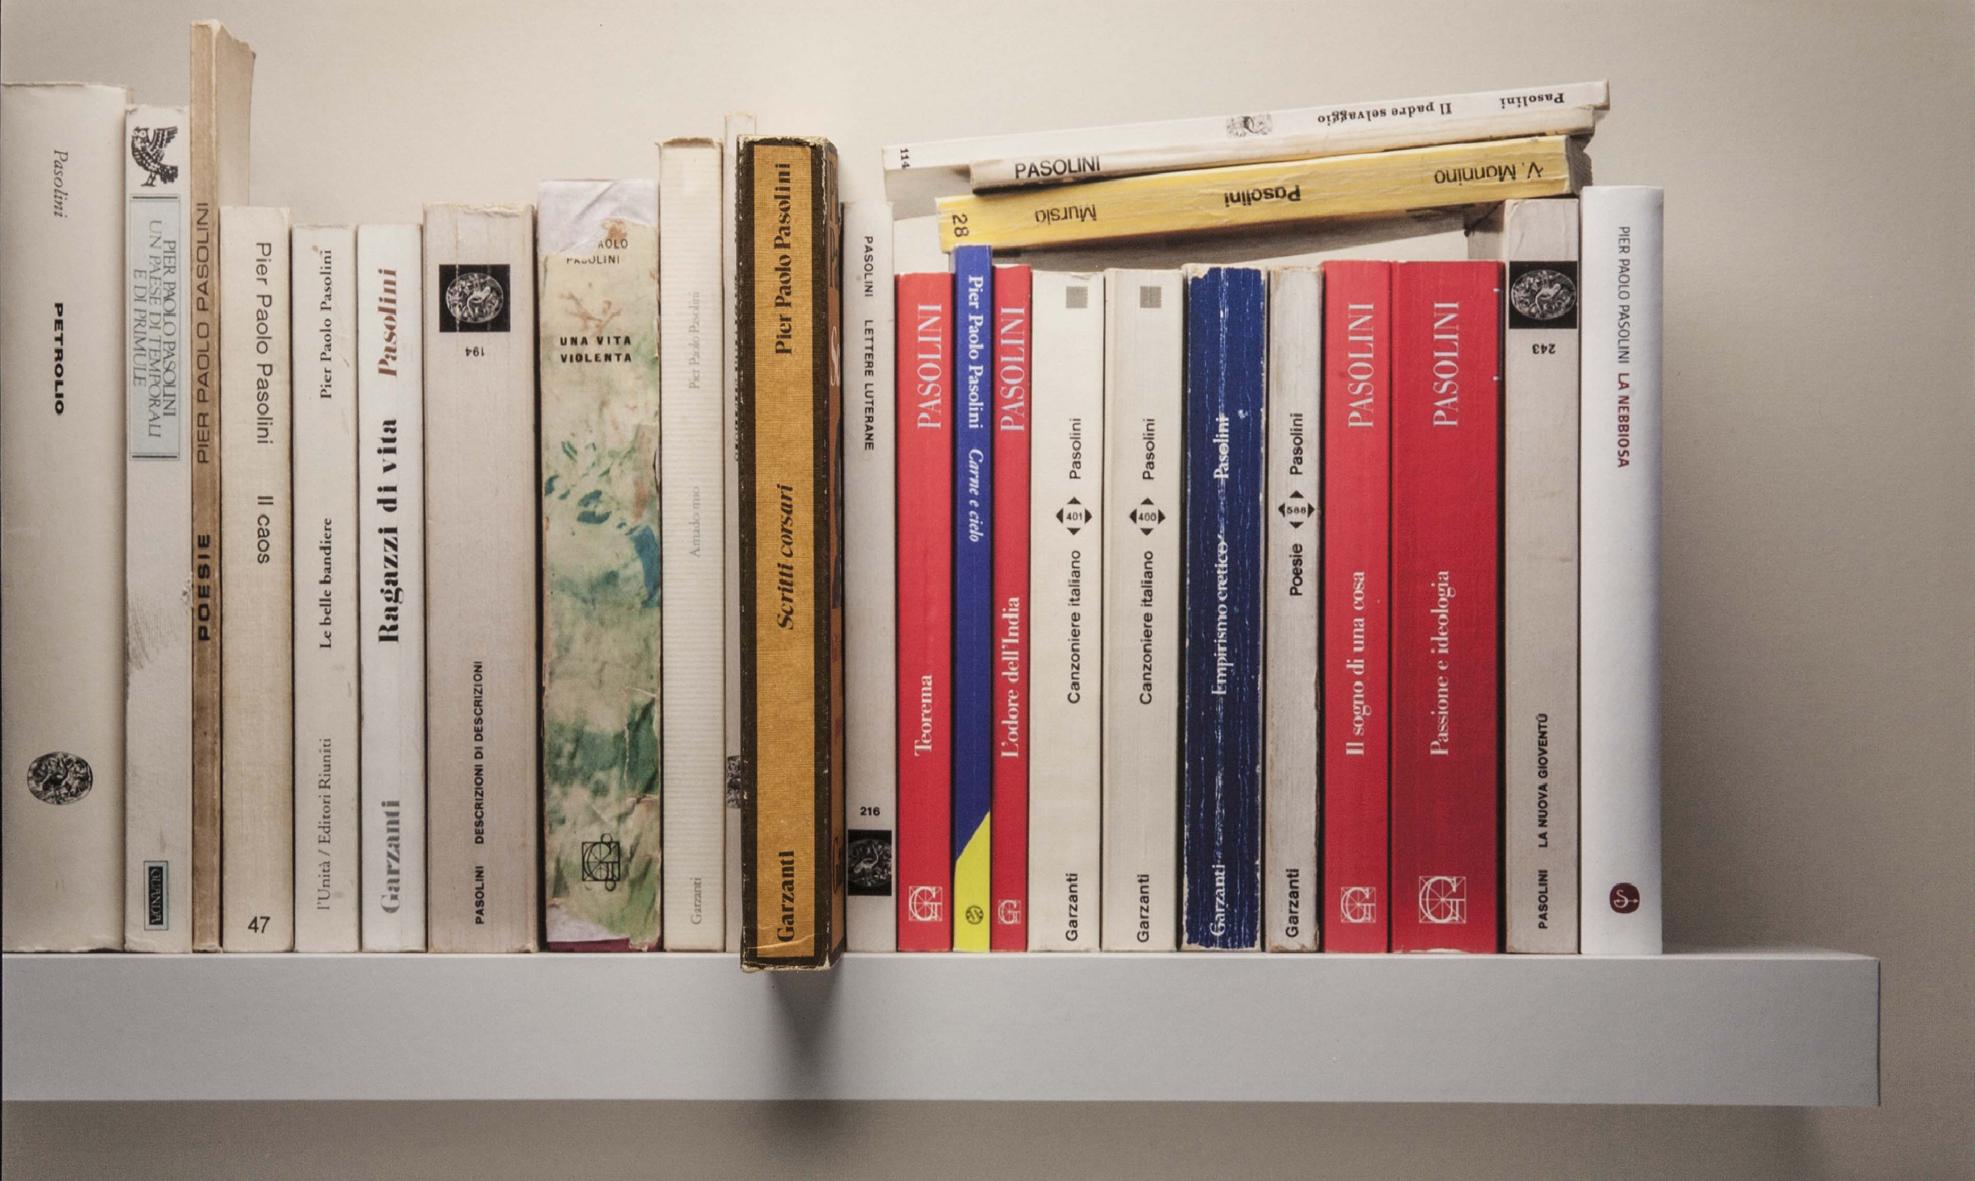 il silenzio della parola, il rumore della carta - Pier Paolo Pasolini